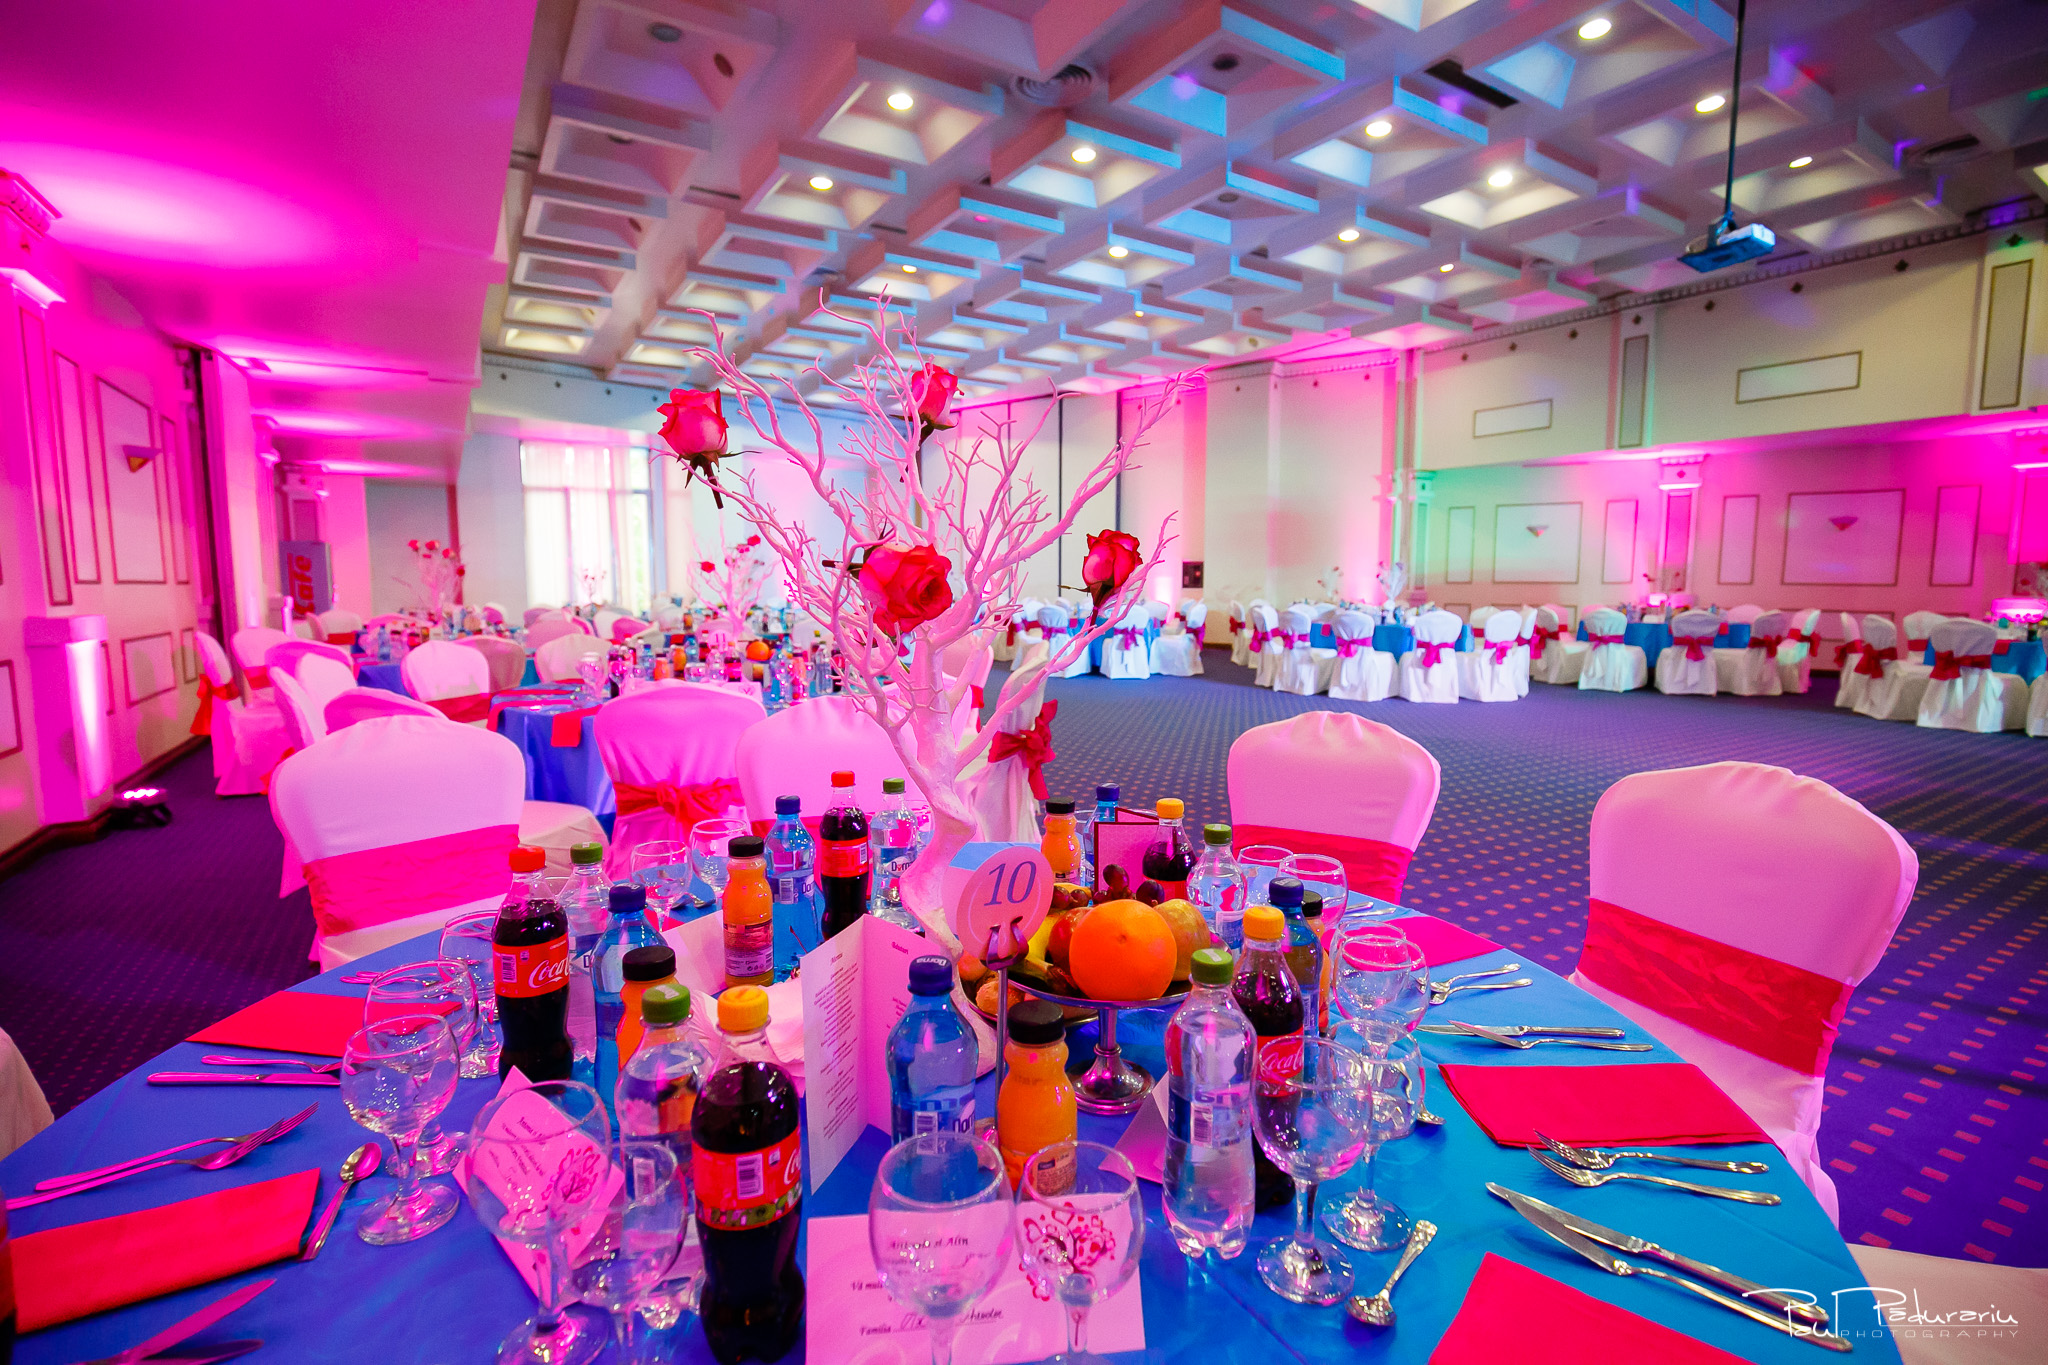 Antonia si Alin – Nunta in Iasi – restaurant Traian www.paulpadurariu.ro © 2018 Paul Padurariu fotograf profesionist nunta Iasi - decoratiuni magenta events